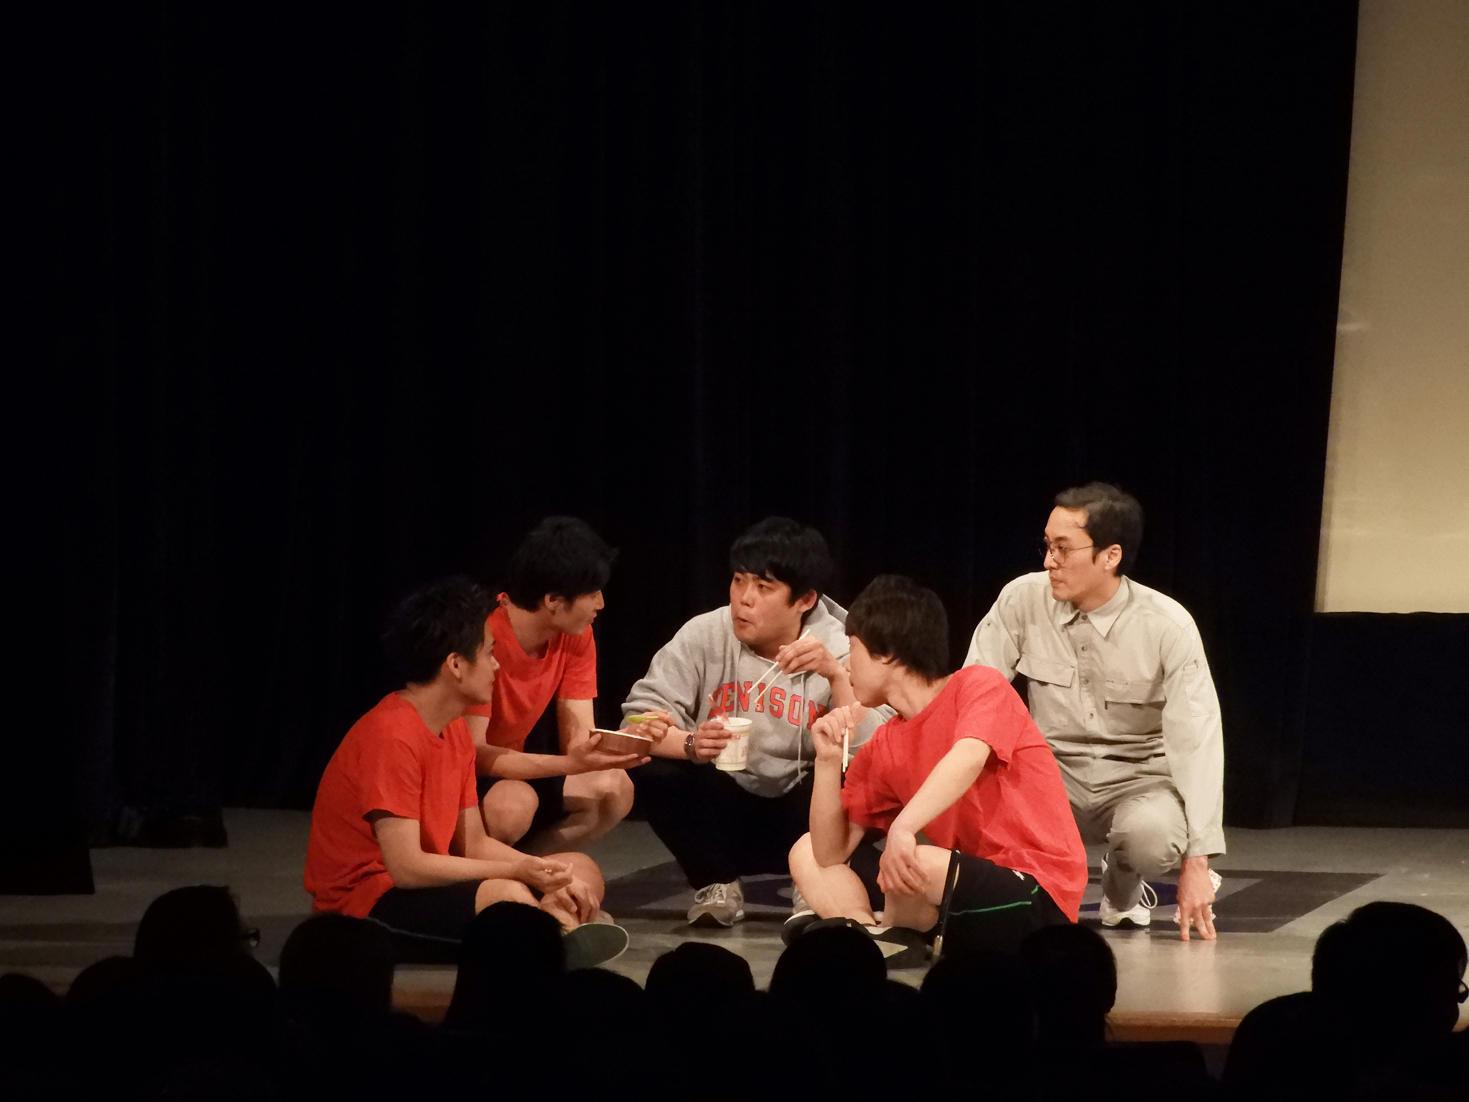 http://news.yoshimoto.co.jp/20180404103607-aaaad4a08798e4a738168fee3a86d13e187c2eb5.jpg